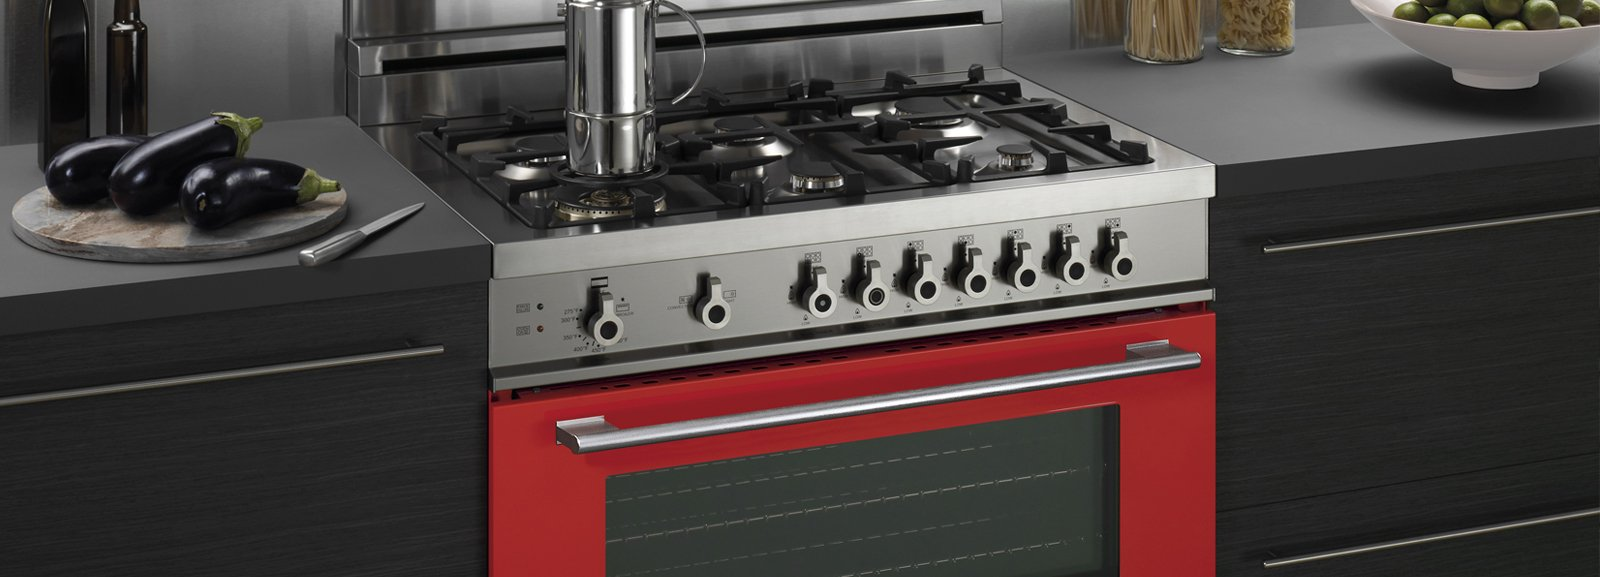 Cucina monoblocco piano cottura e forno tutto in uno for Piani di casa con stima dei prezzi